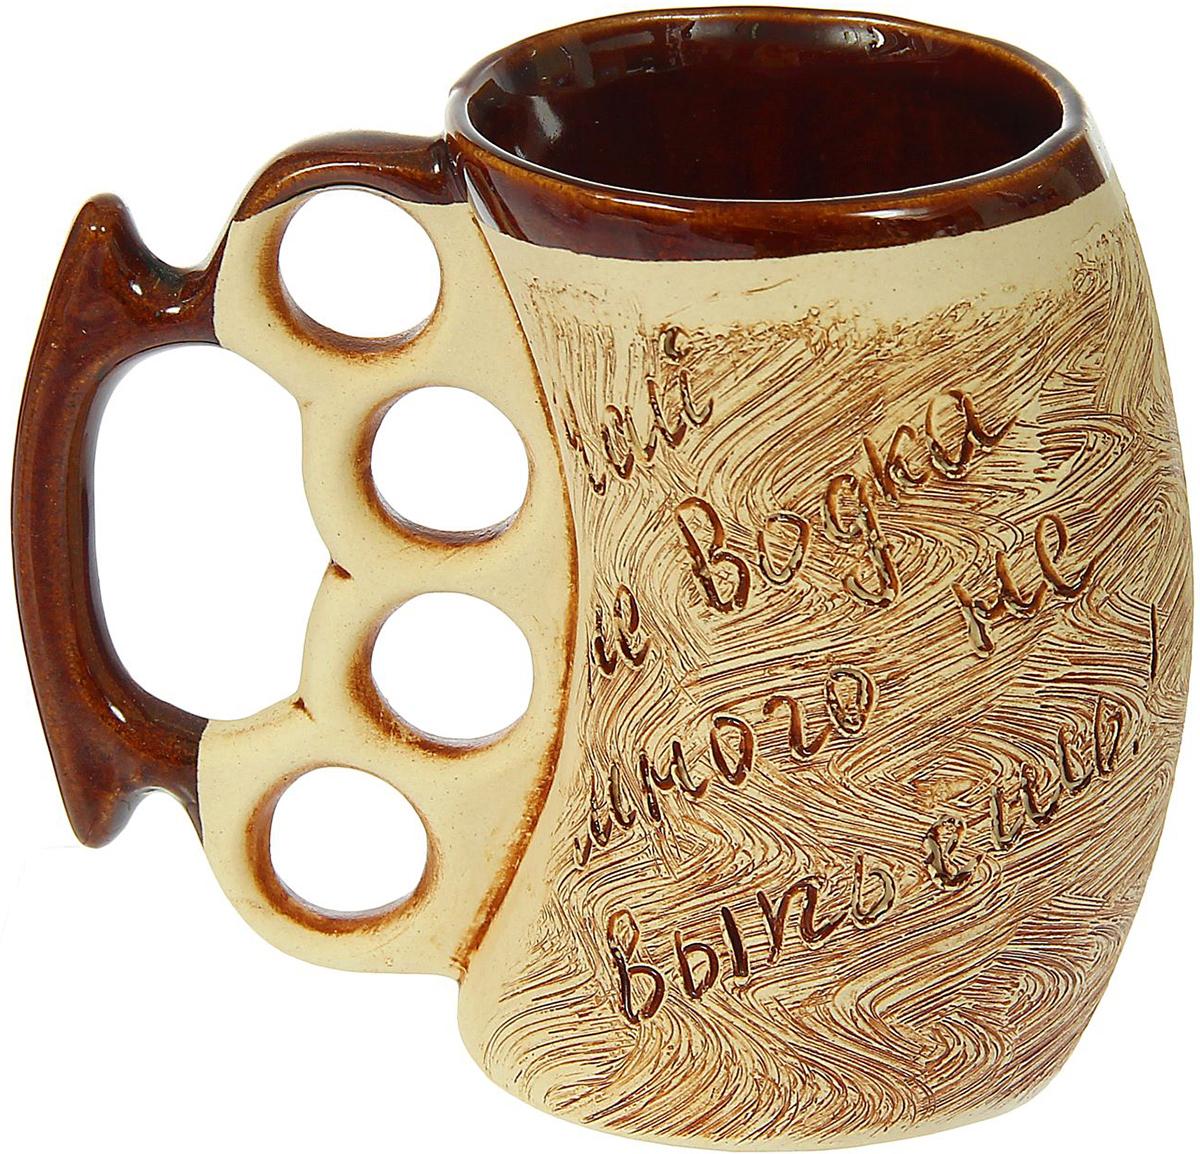 Кружка пивная Керамика ручной работы Кастет, цвет: бежевый, коричневый, 400 мл. 1319492 кружка кастет цвет черный серебристый